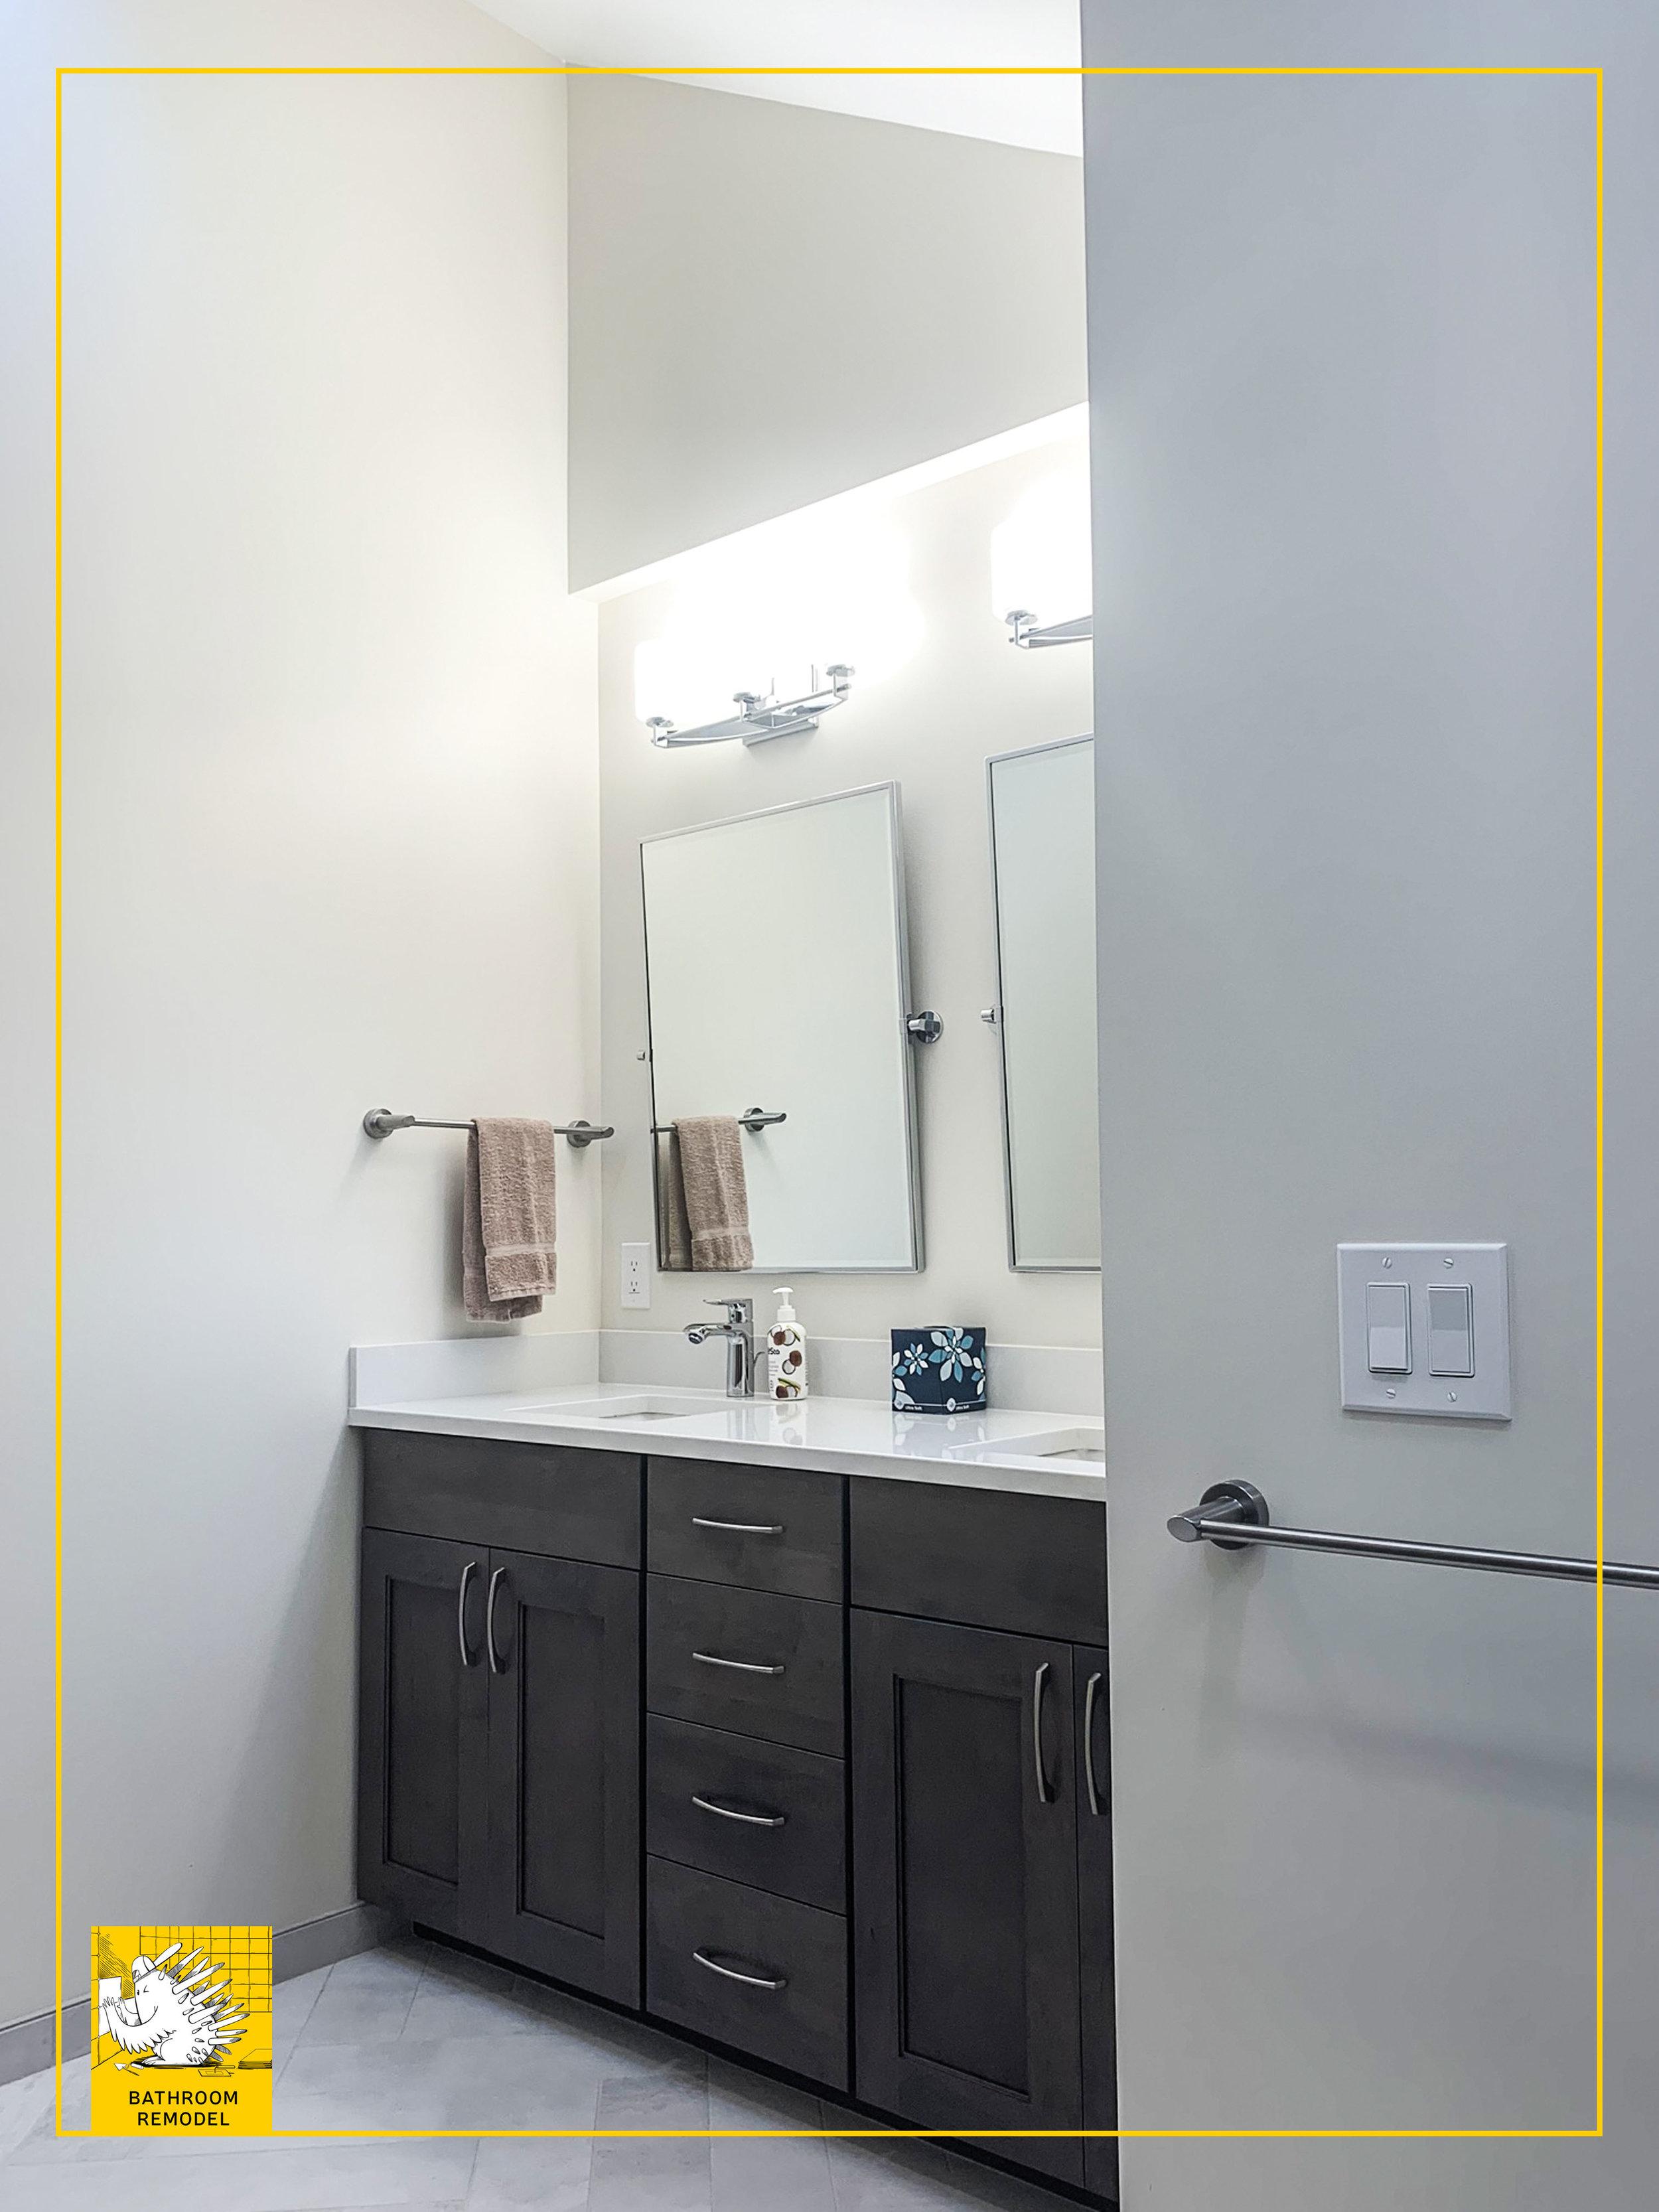 MT 2 bathroom remodel 07.jpg